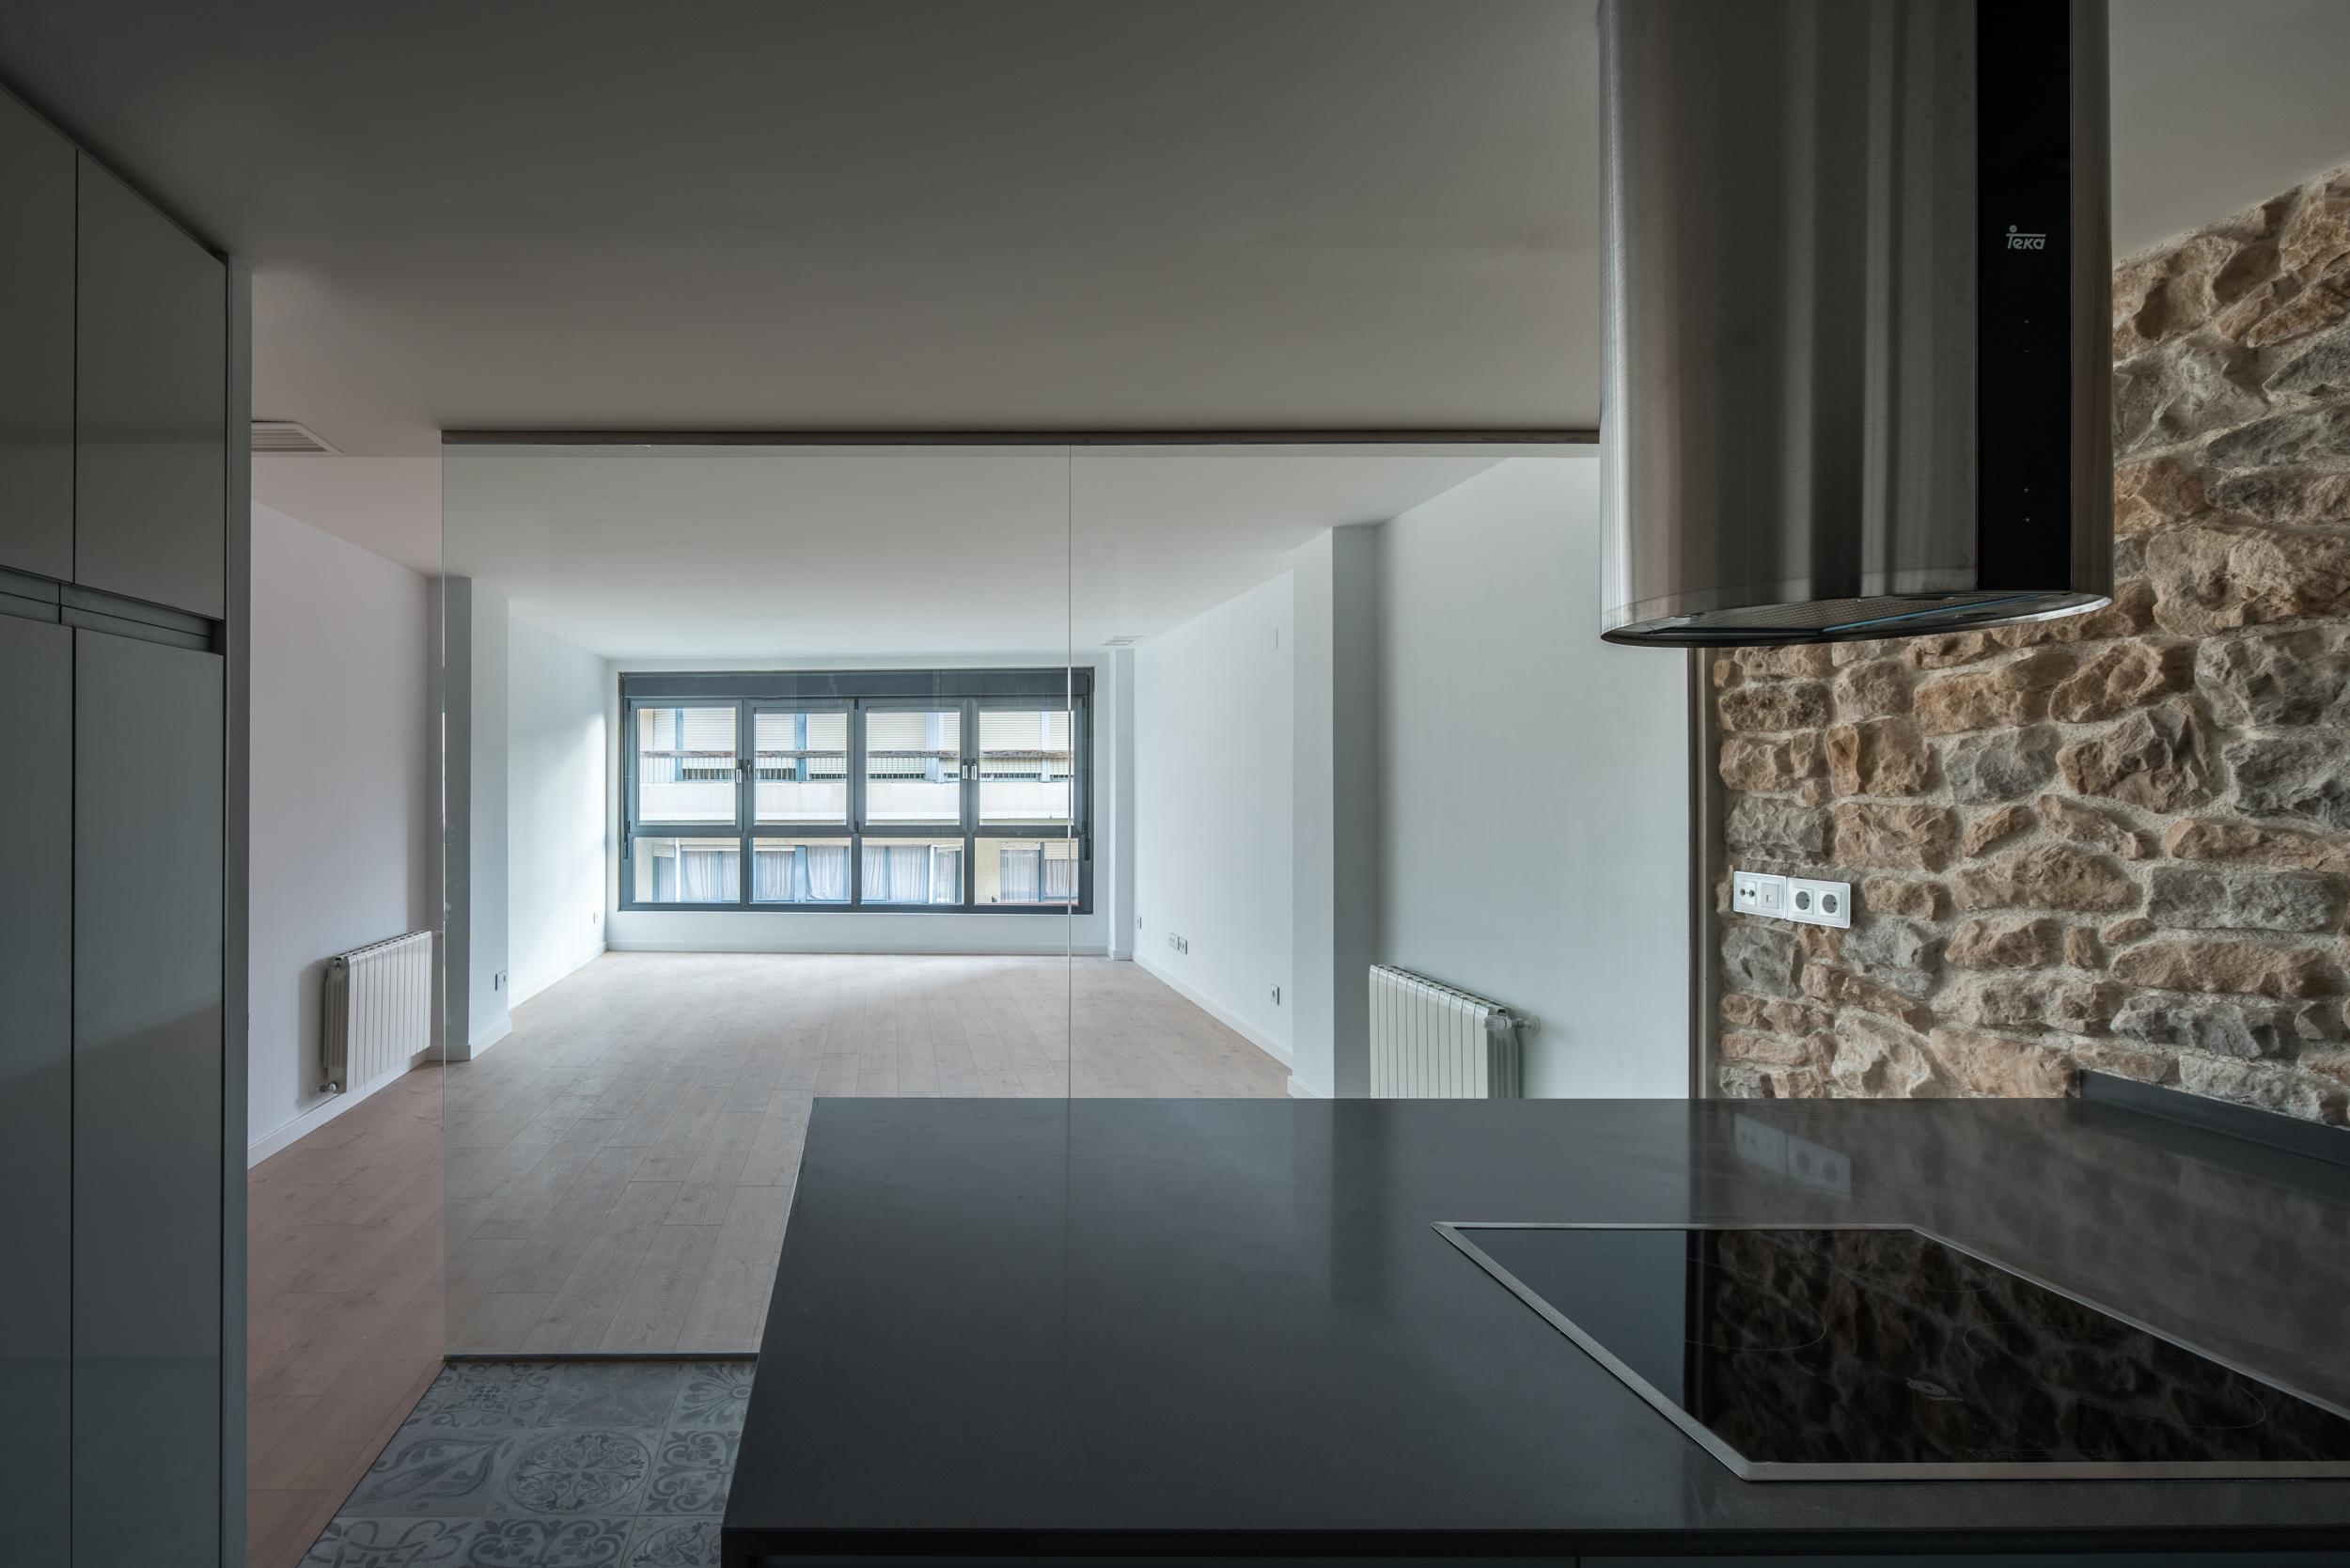 Fotografía interior desde la cocina de Pintor Lorenzo Casanova hacia el salón. Ambas zonas quedan conectadas visualmente gracias a una gran cristalera que separa ambas estancias. Destaca el muro de mampostería y la campana extractora de humos para cocina.